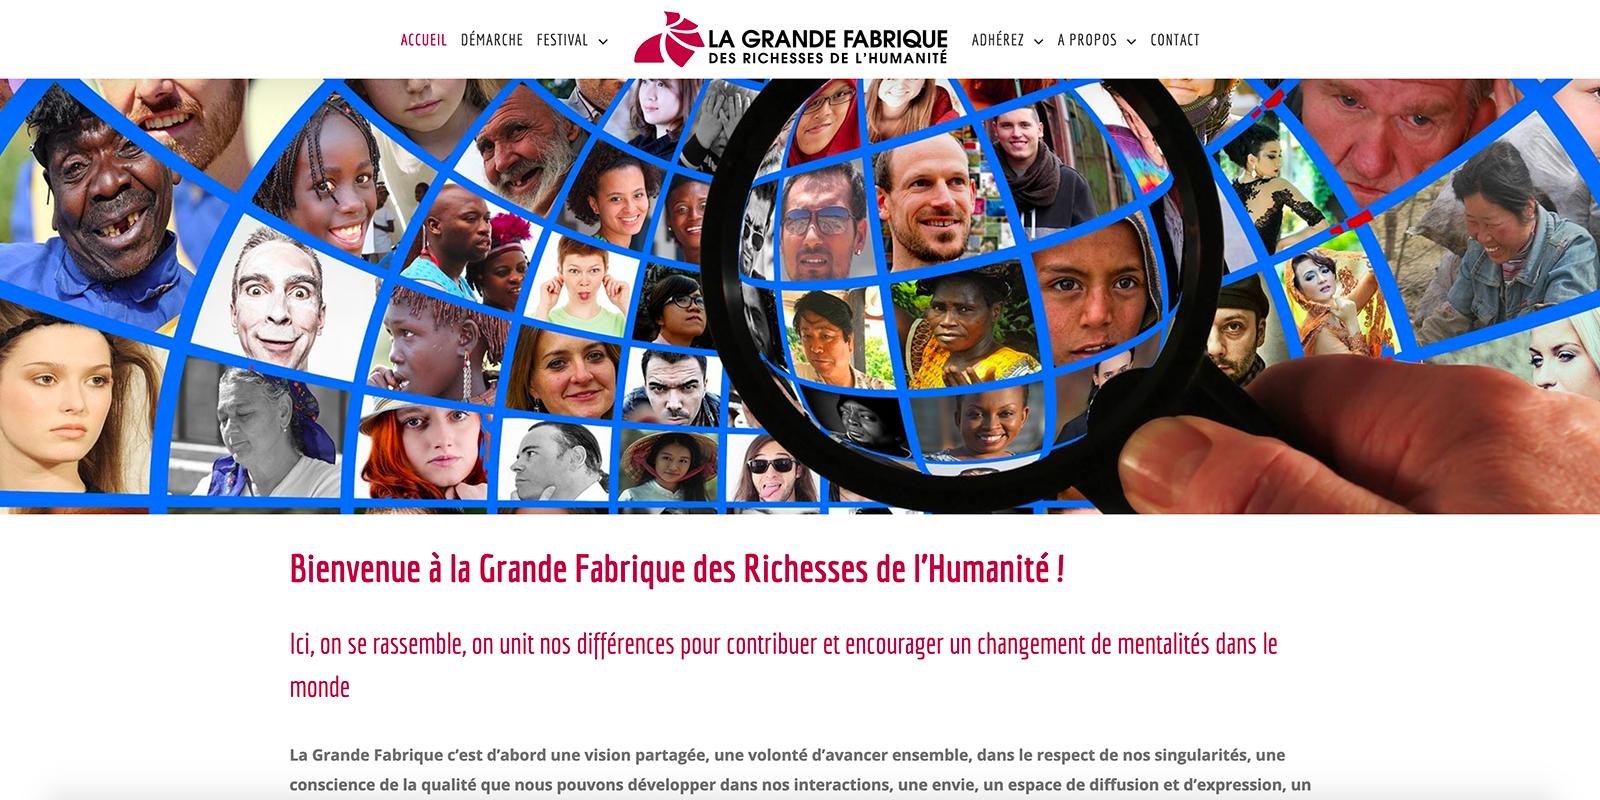 Référence - Association La Grande Fabrique - Netcom Agency - Communication numérique